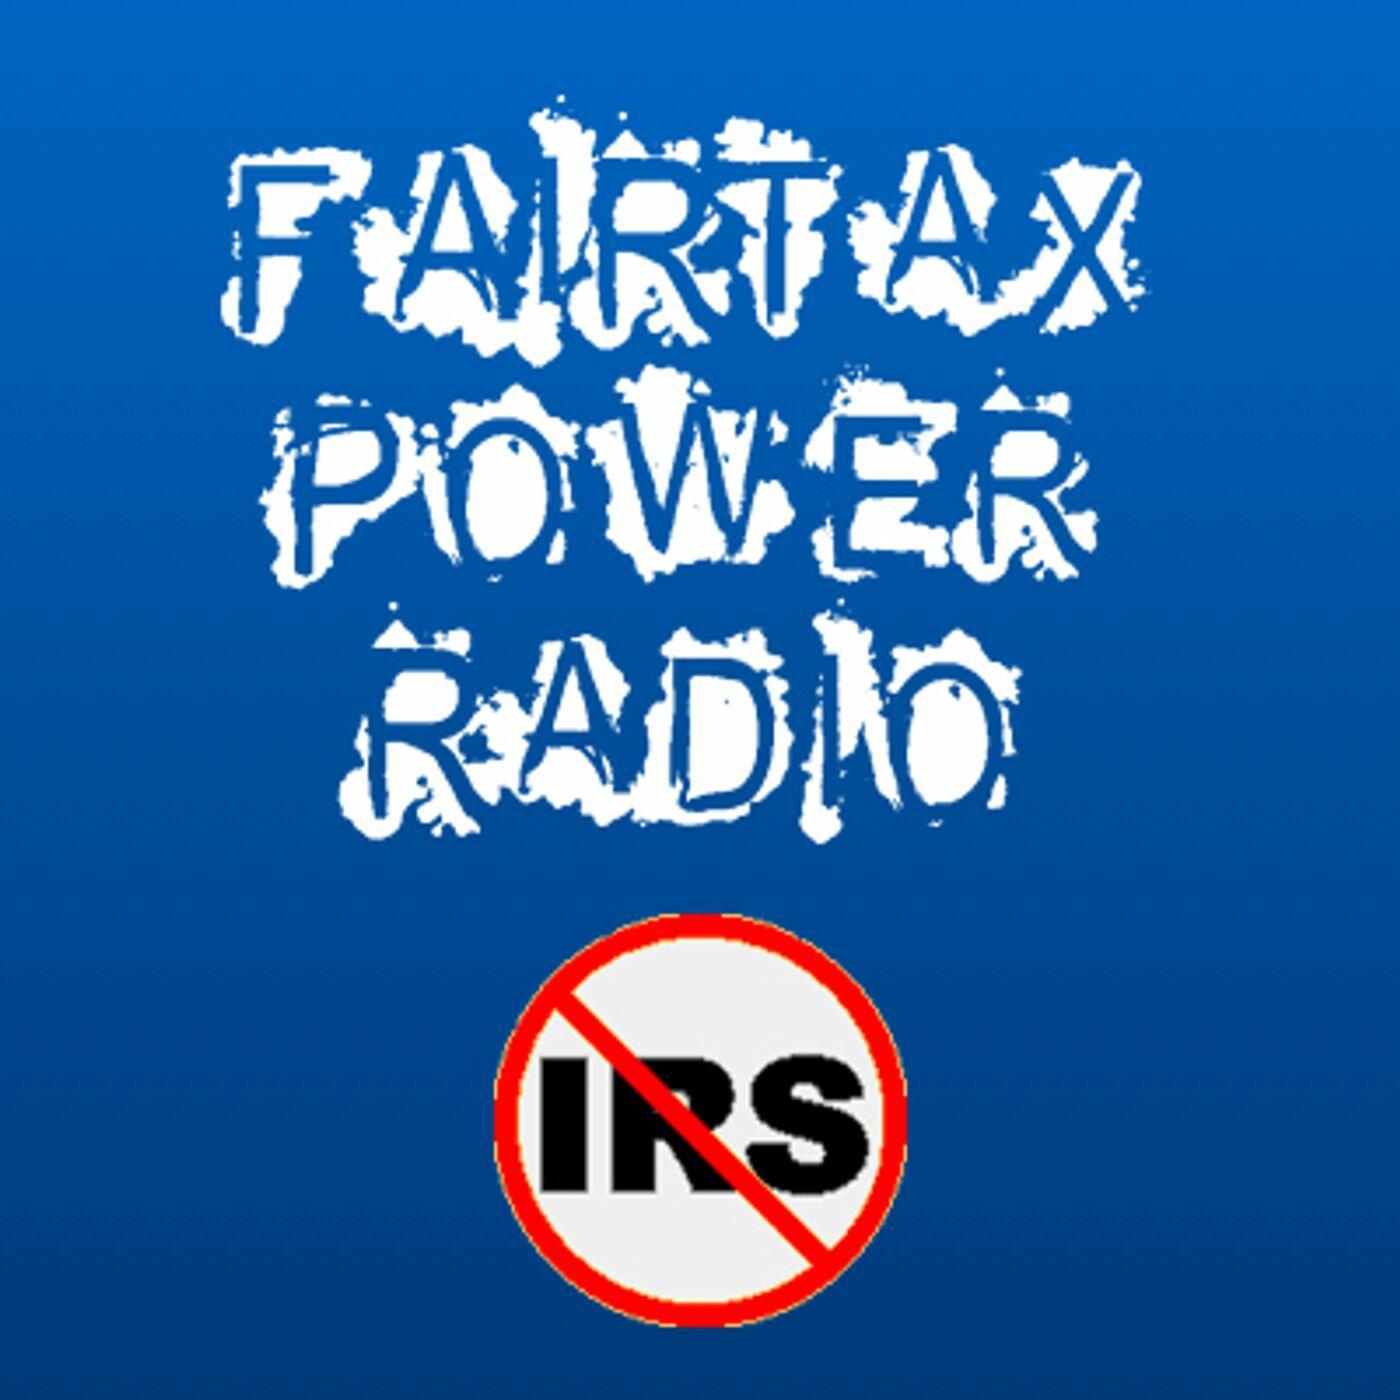 FAIRtax Power Radio